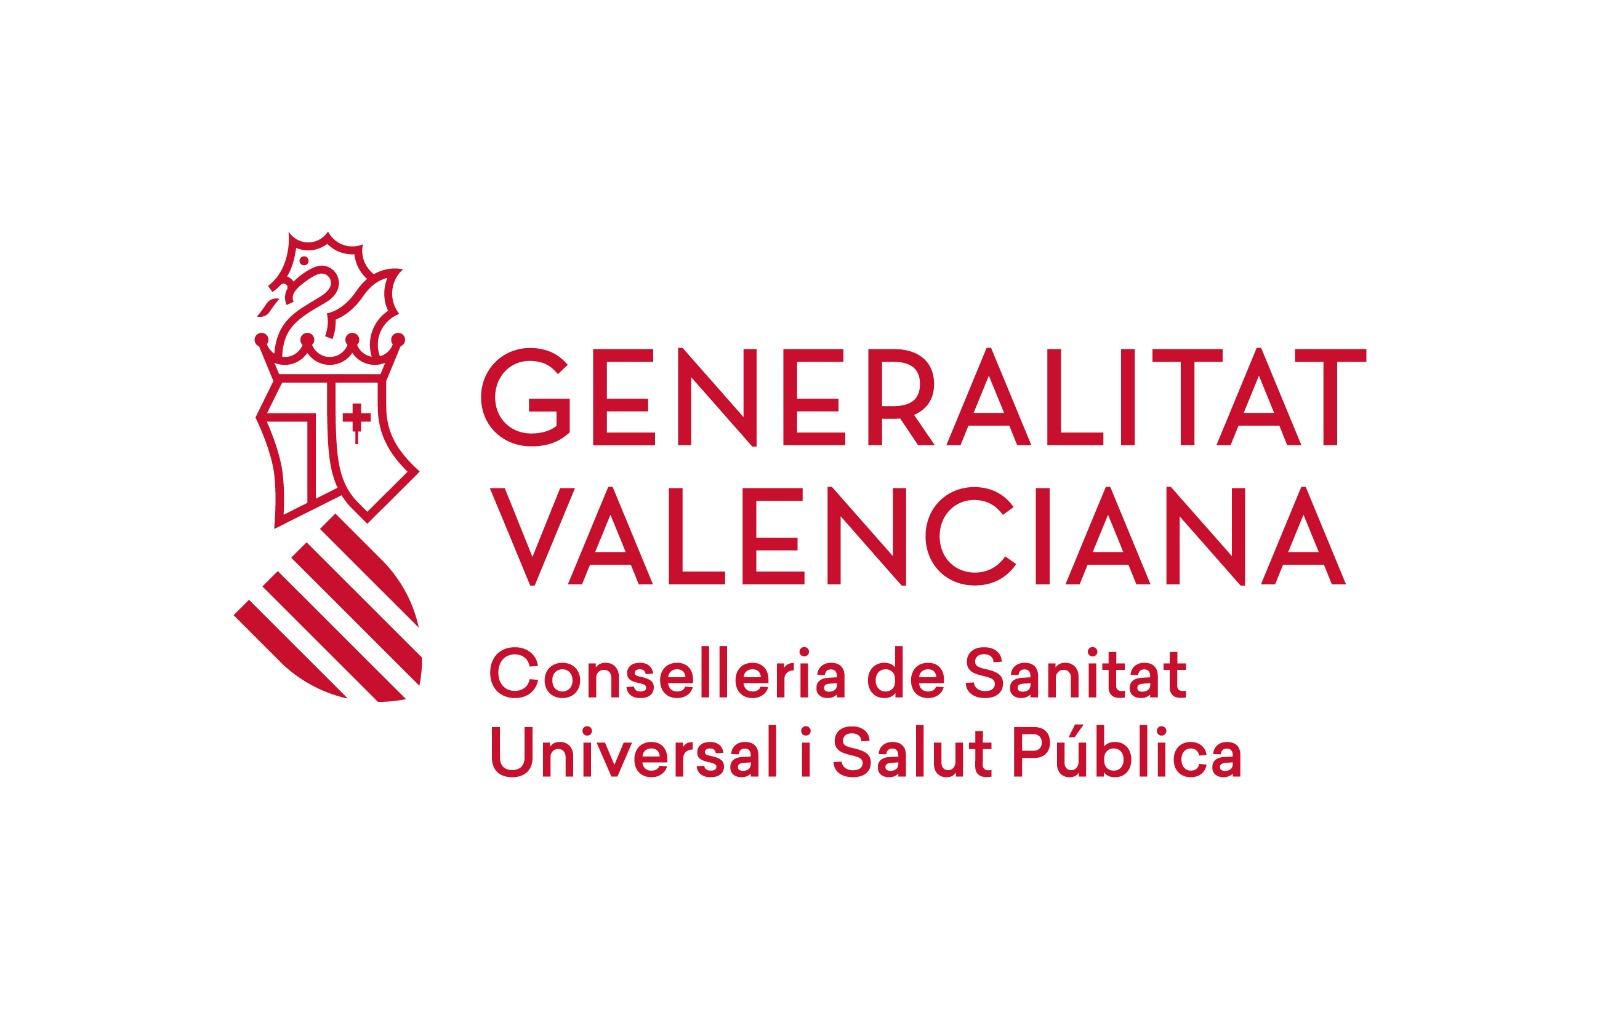 Conselleria de Sanidad Universal y Salud Pública